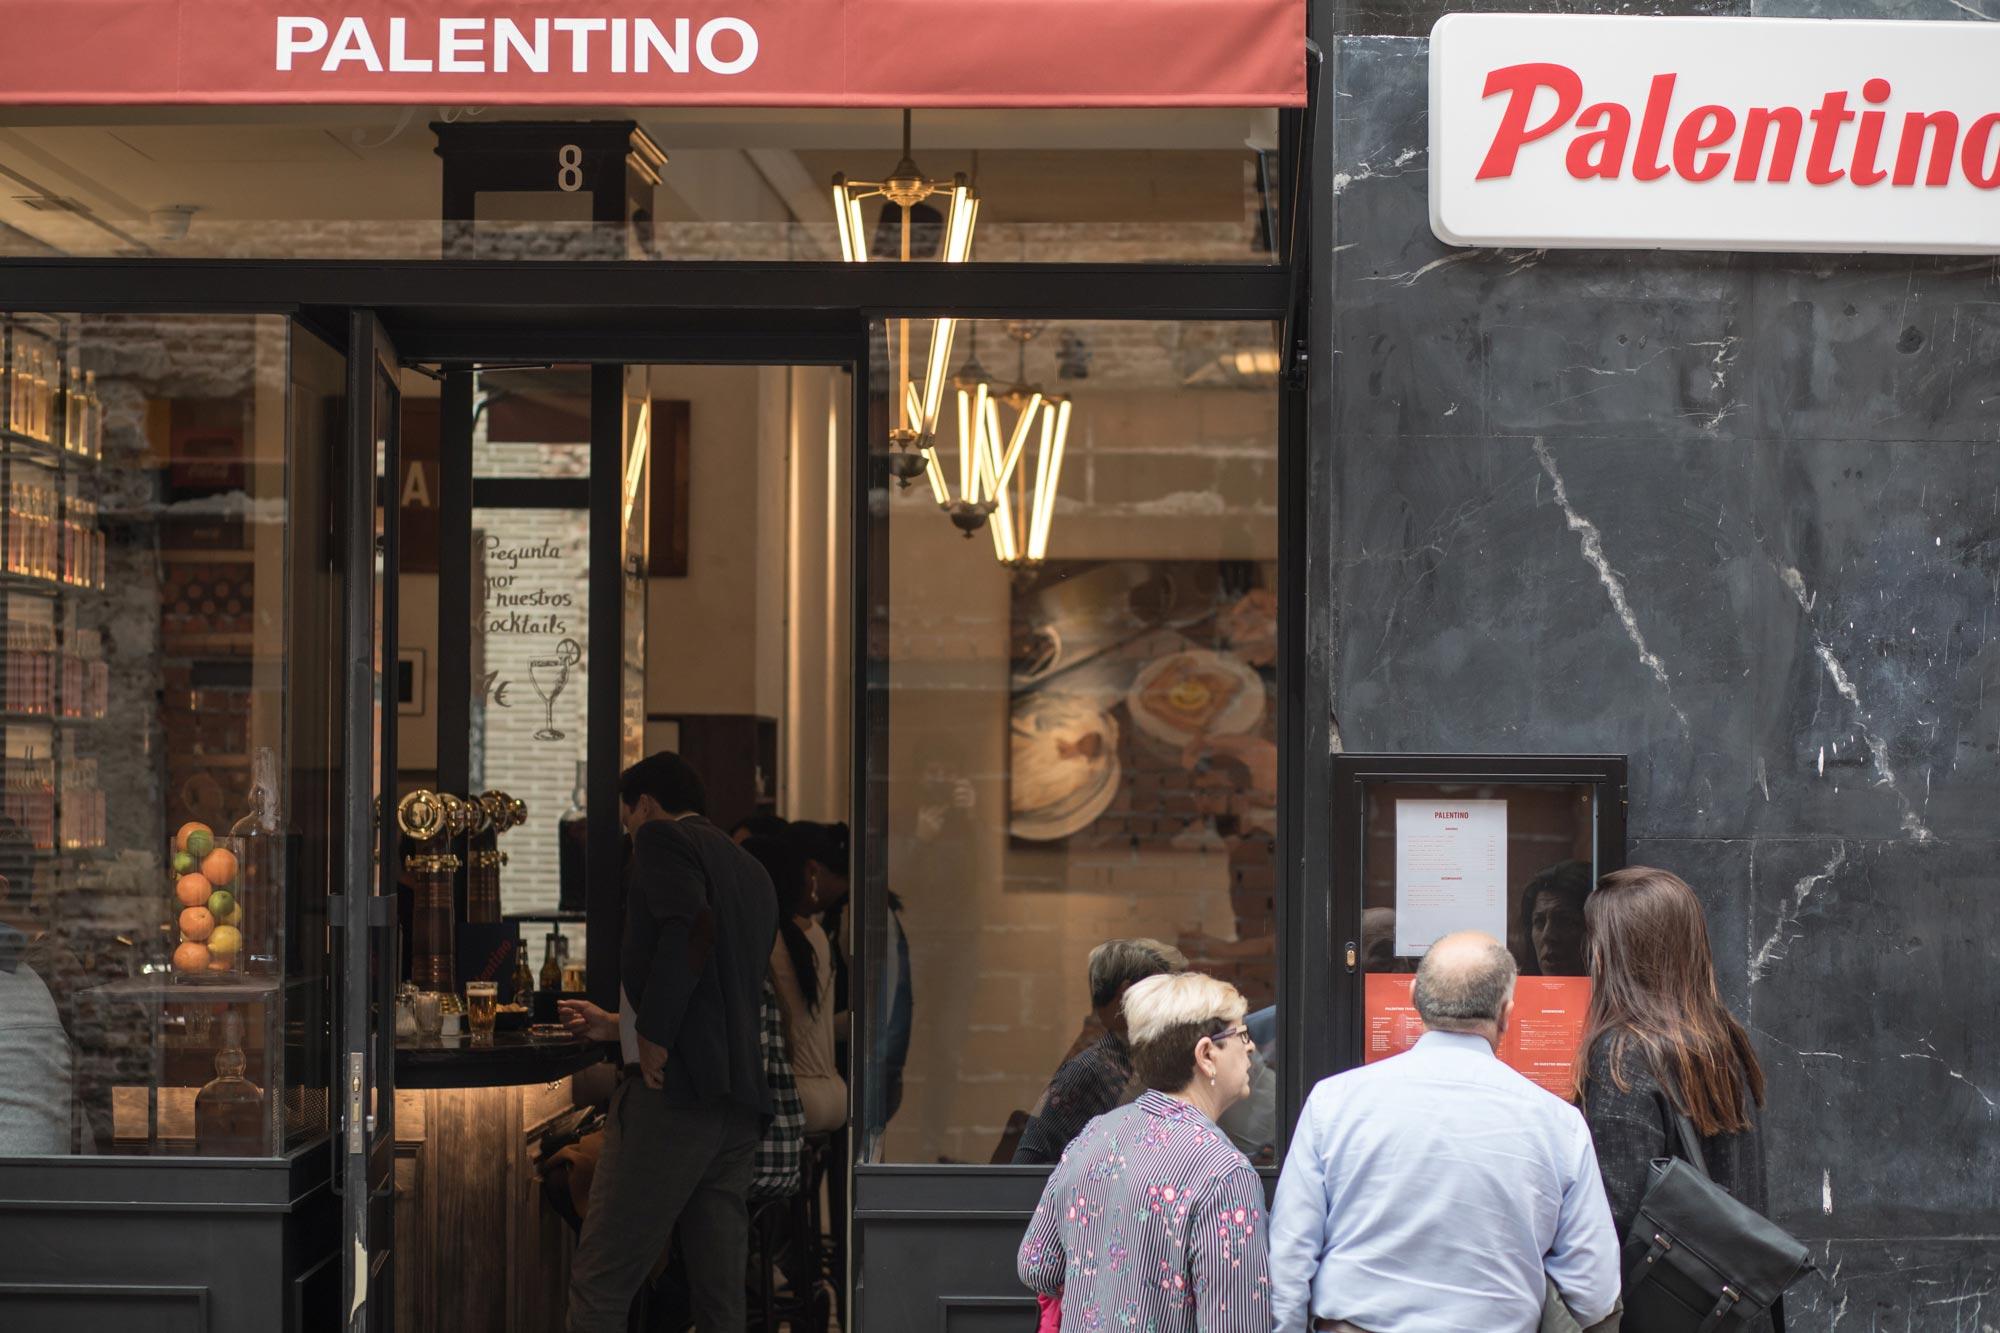 La fachada del Palentino.